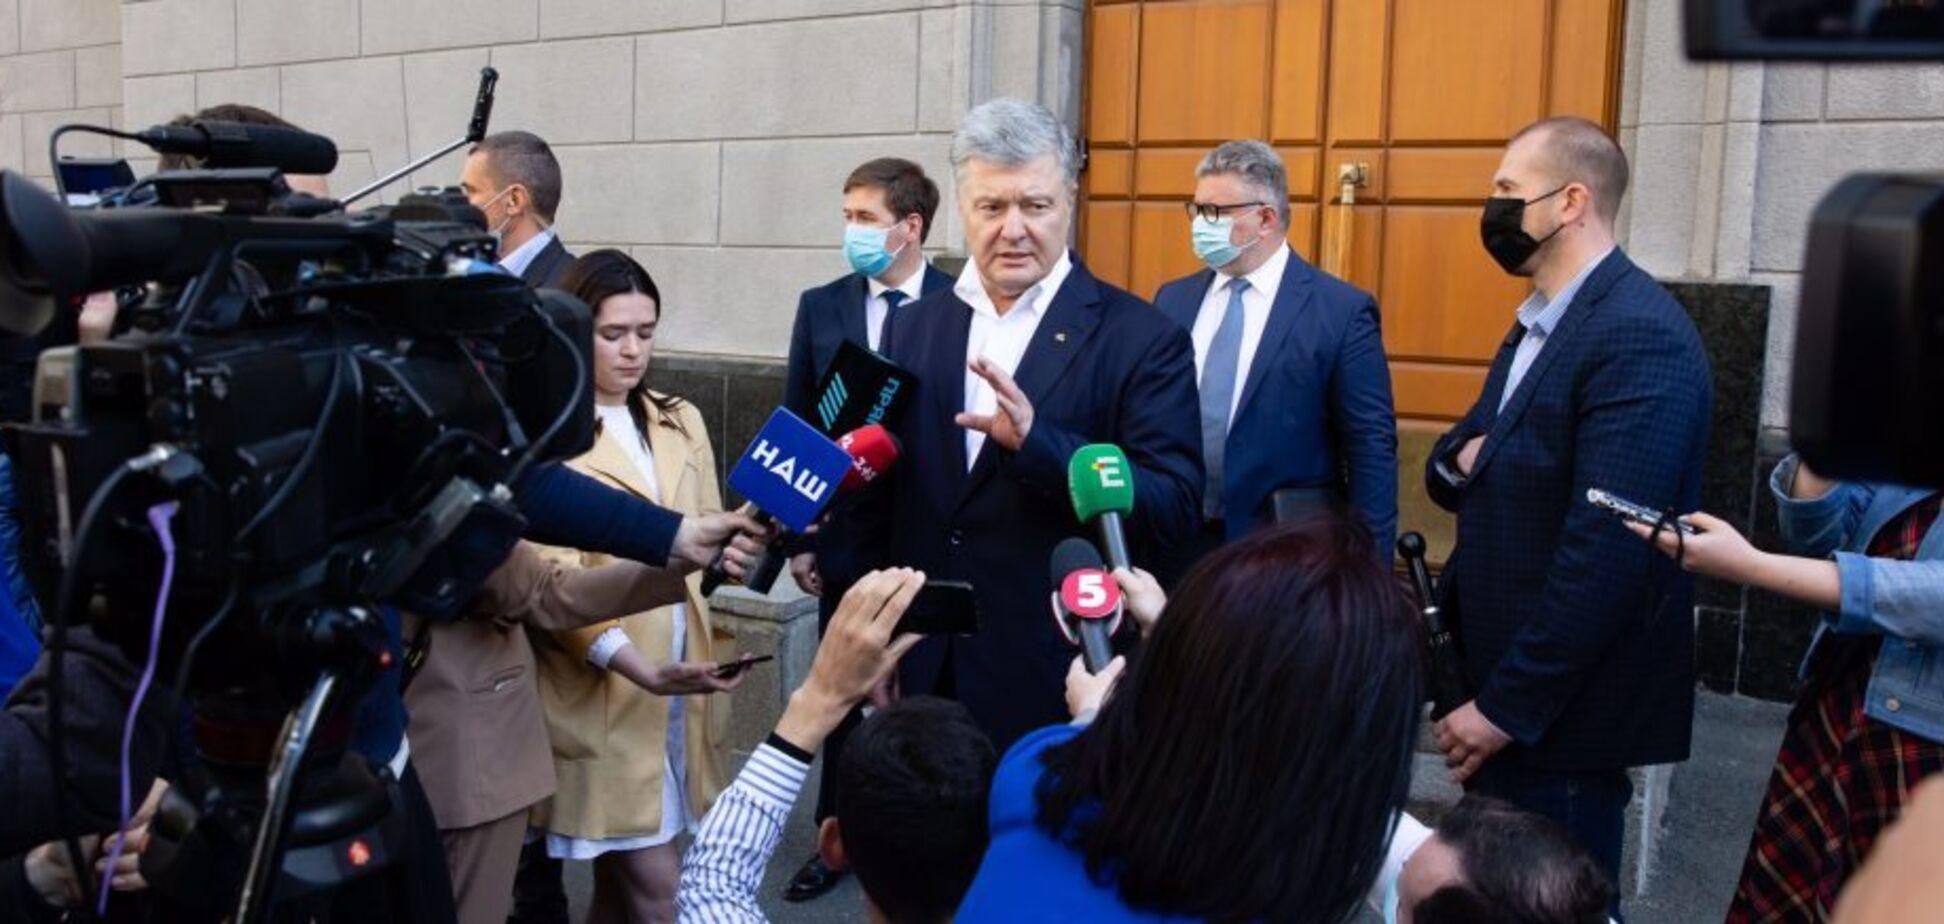 Происхождение пленок Медведчука вызывает вопросы даже у следователей, – адвокаты Порошенко